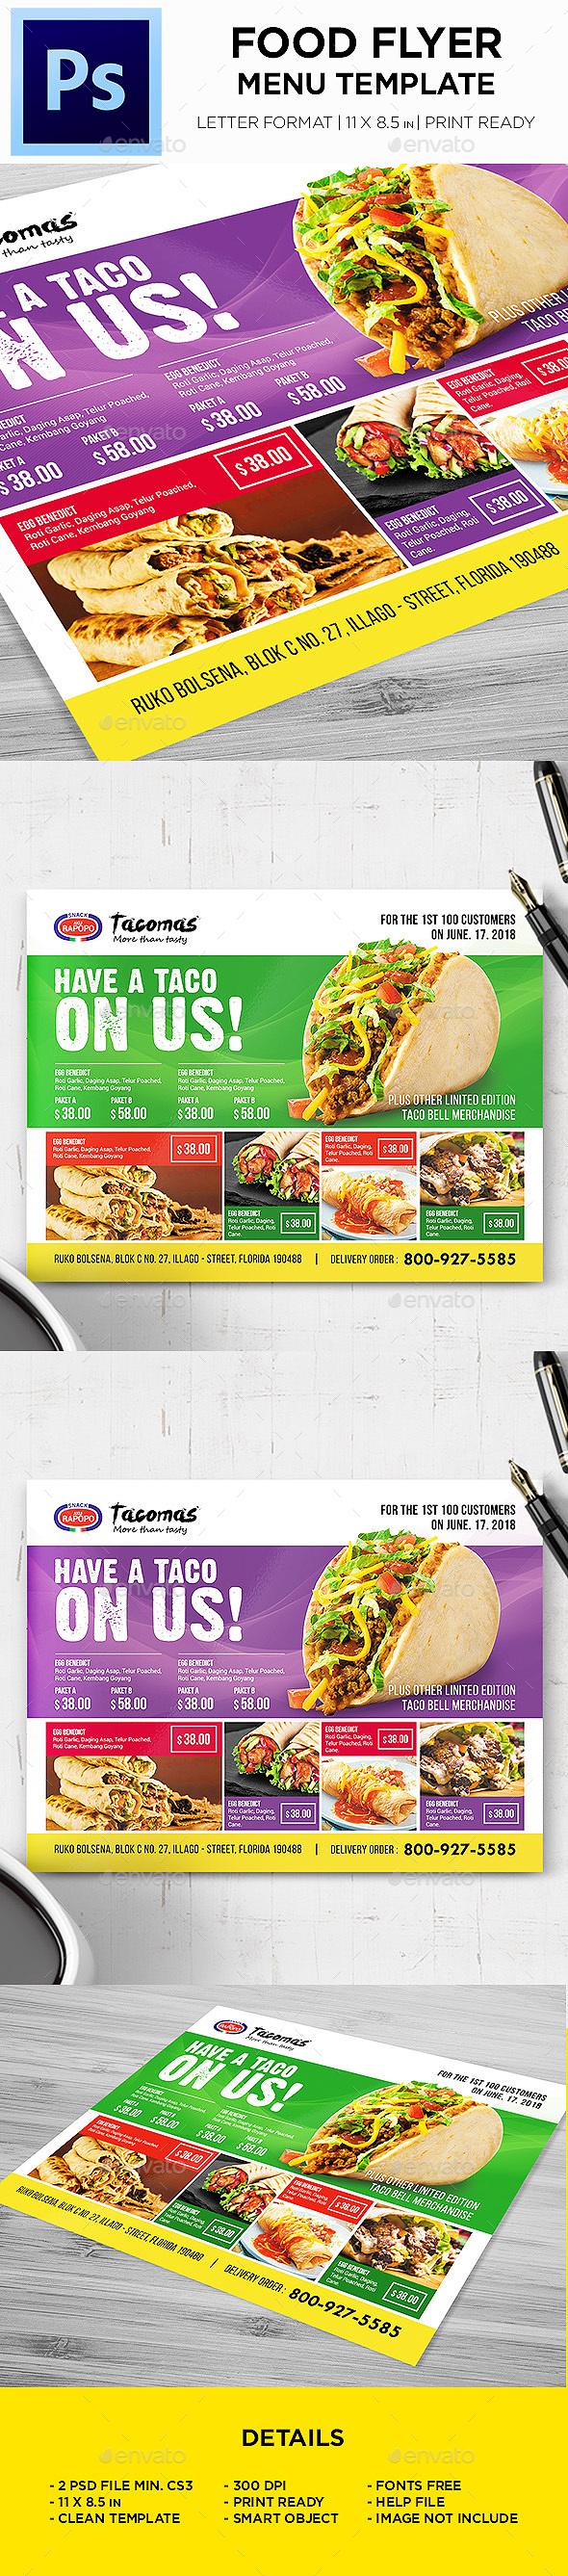 Restaurant Menu - Food Menu Landscape Flyer